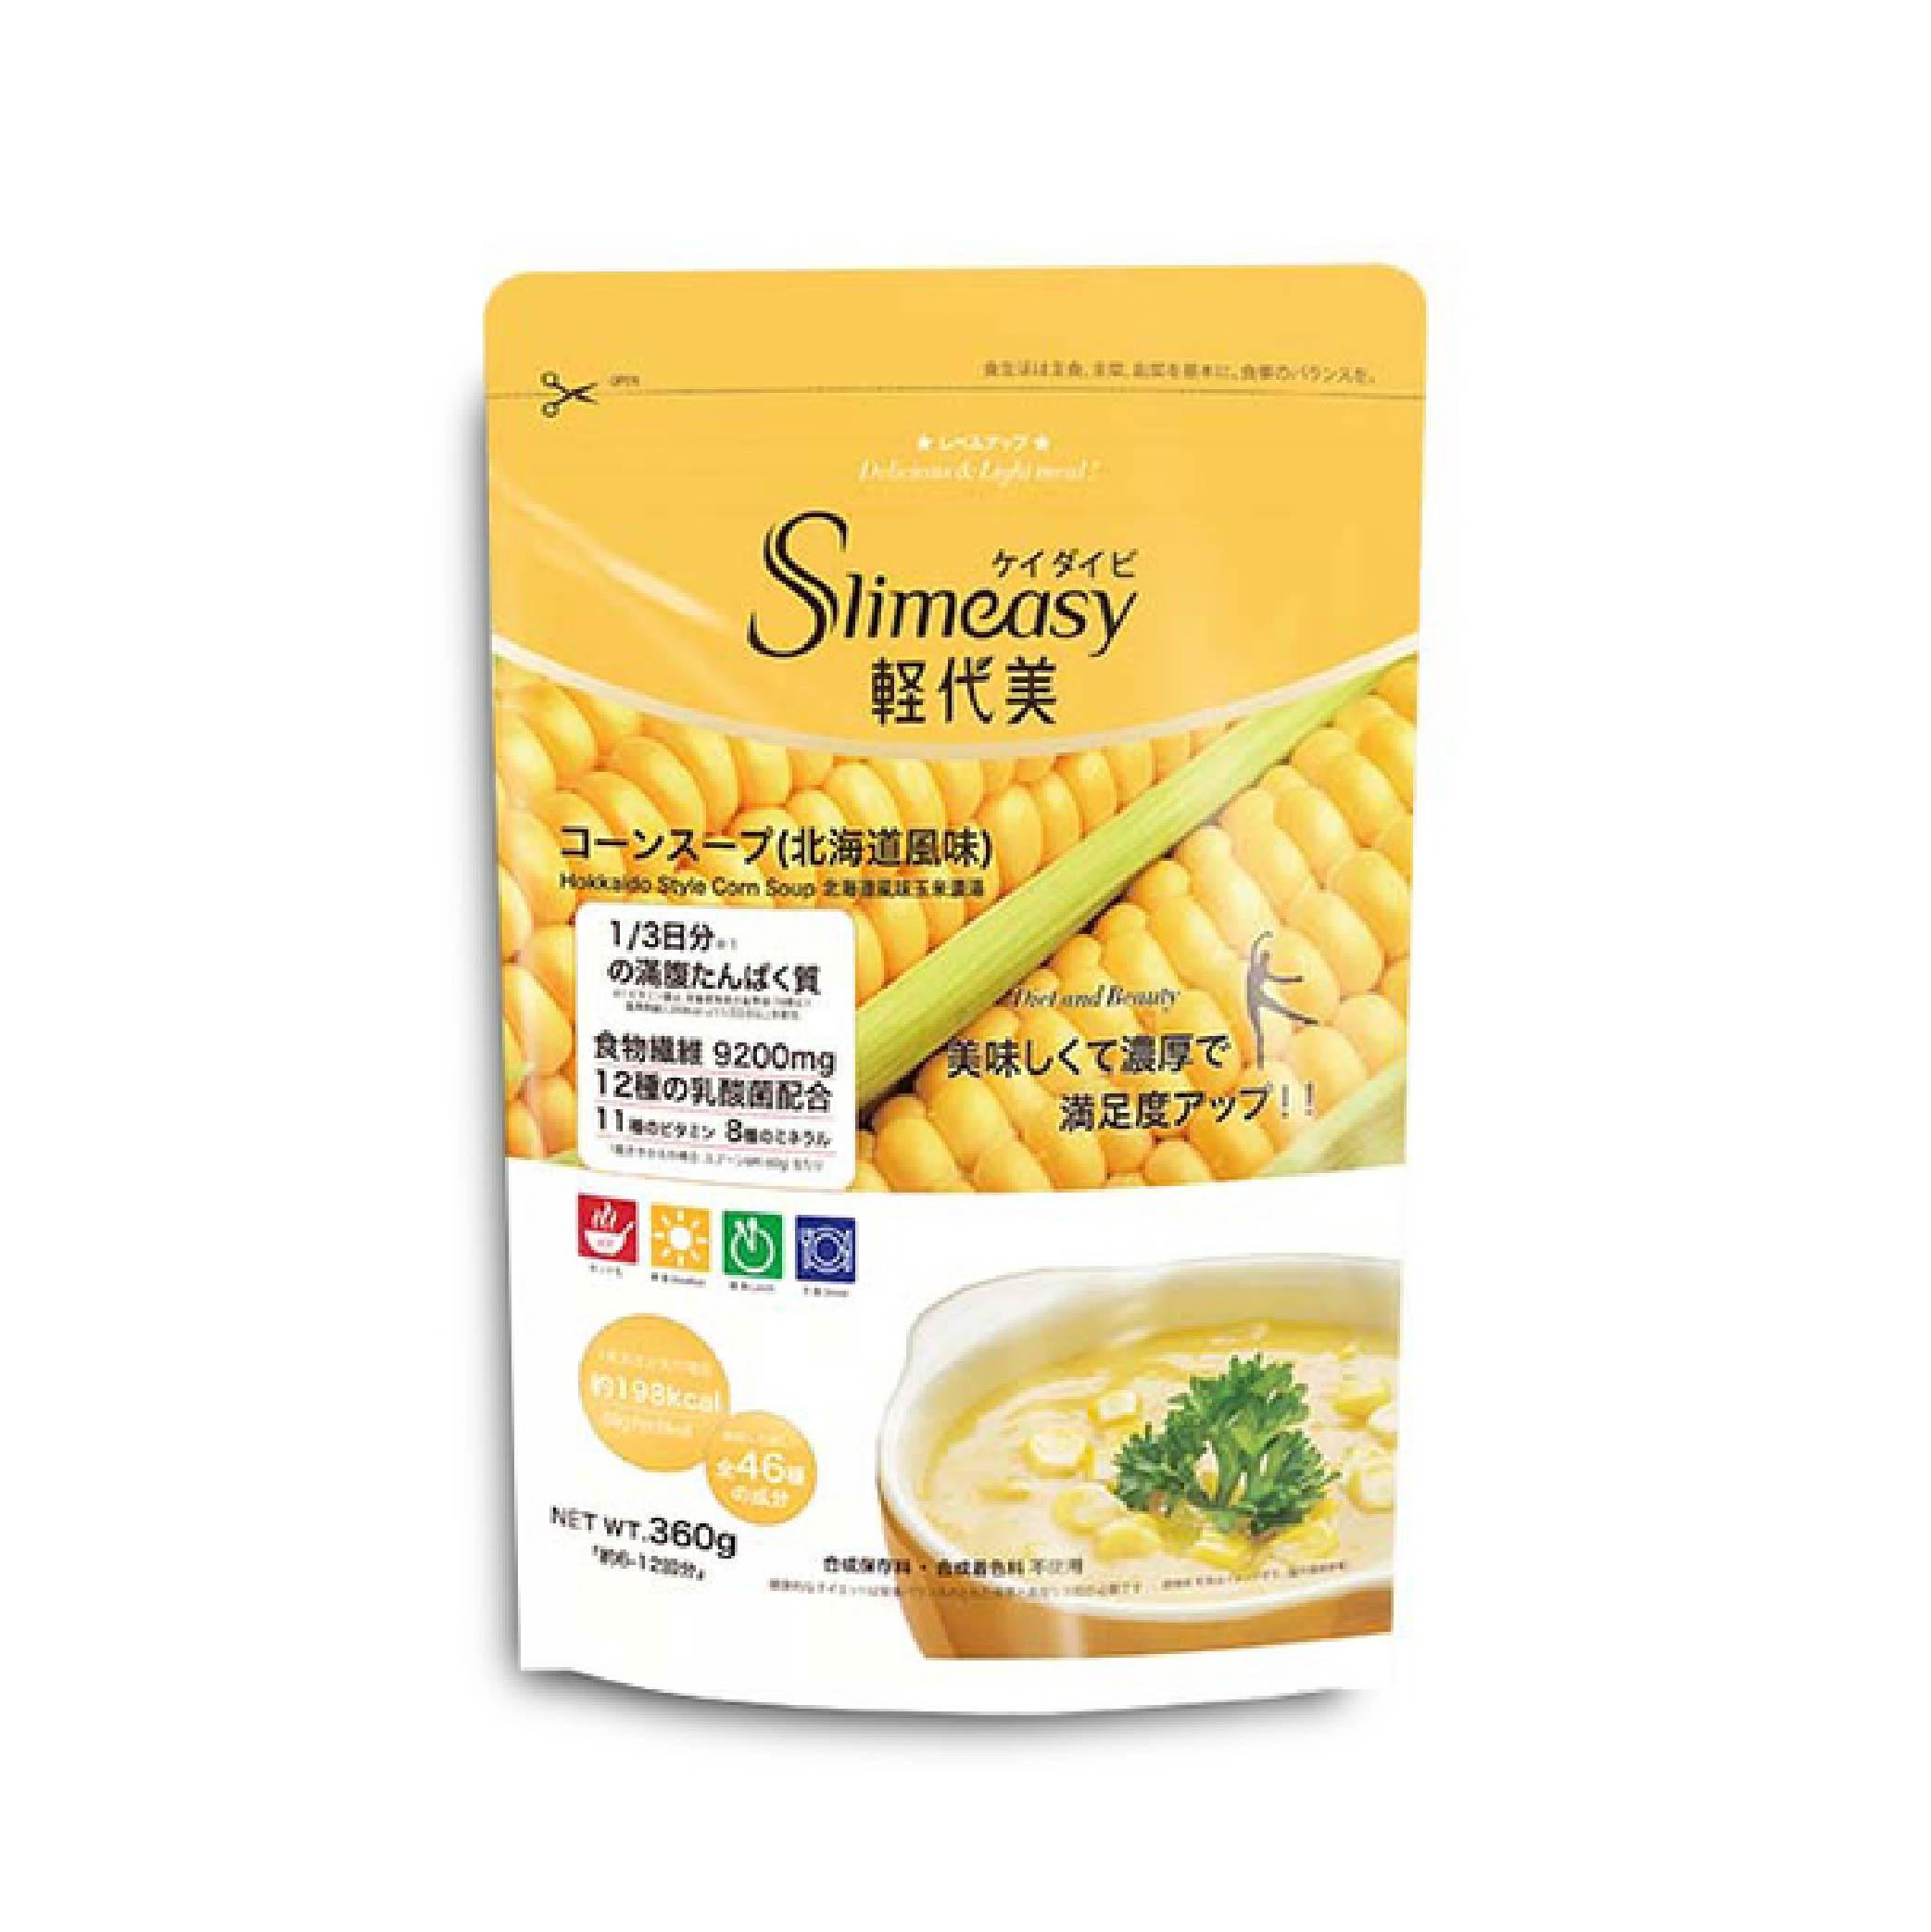 【Slimeasy輕代美】營養代餐 北海道風味玉米濃湯 家庭號(360g)